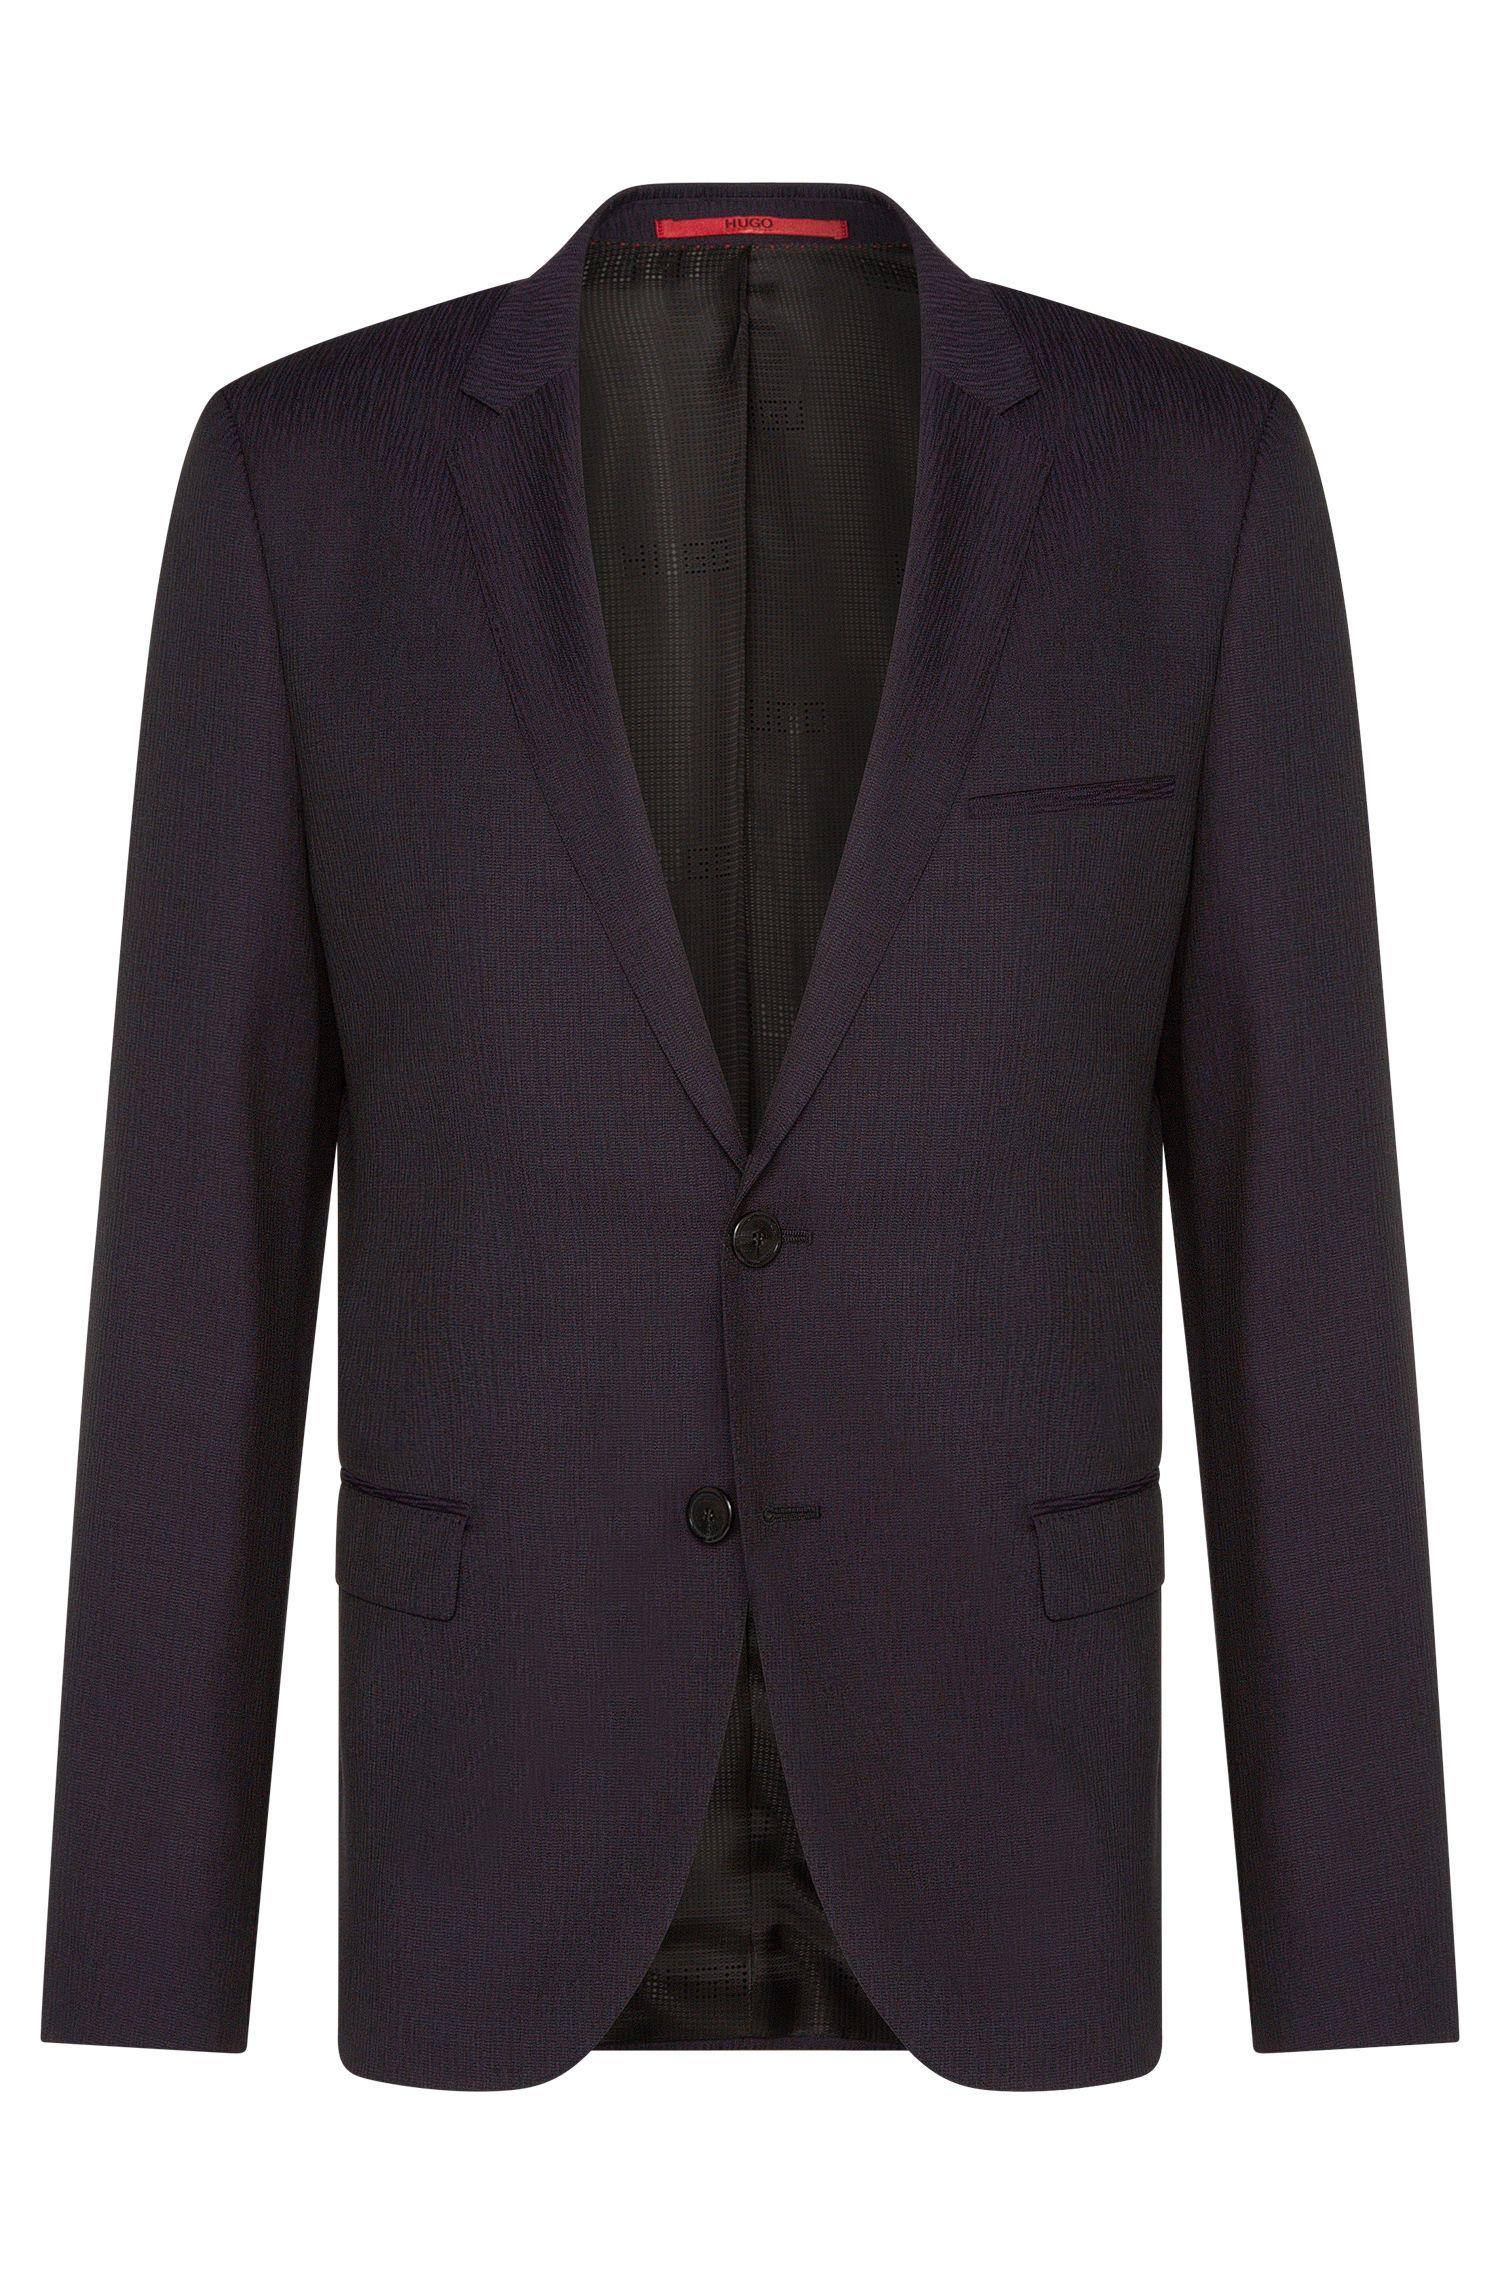 'Arti' | Slim Fit, Virgin Wool Melange Jacquard Sport Coat